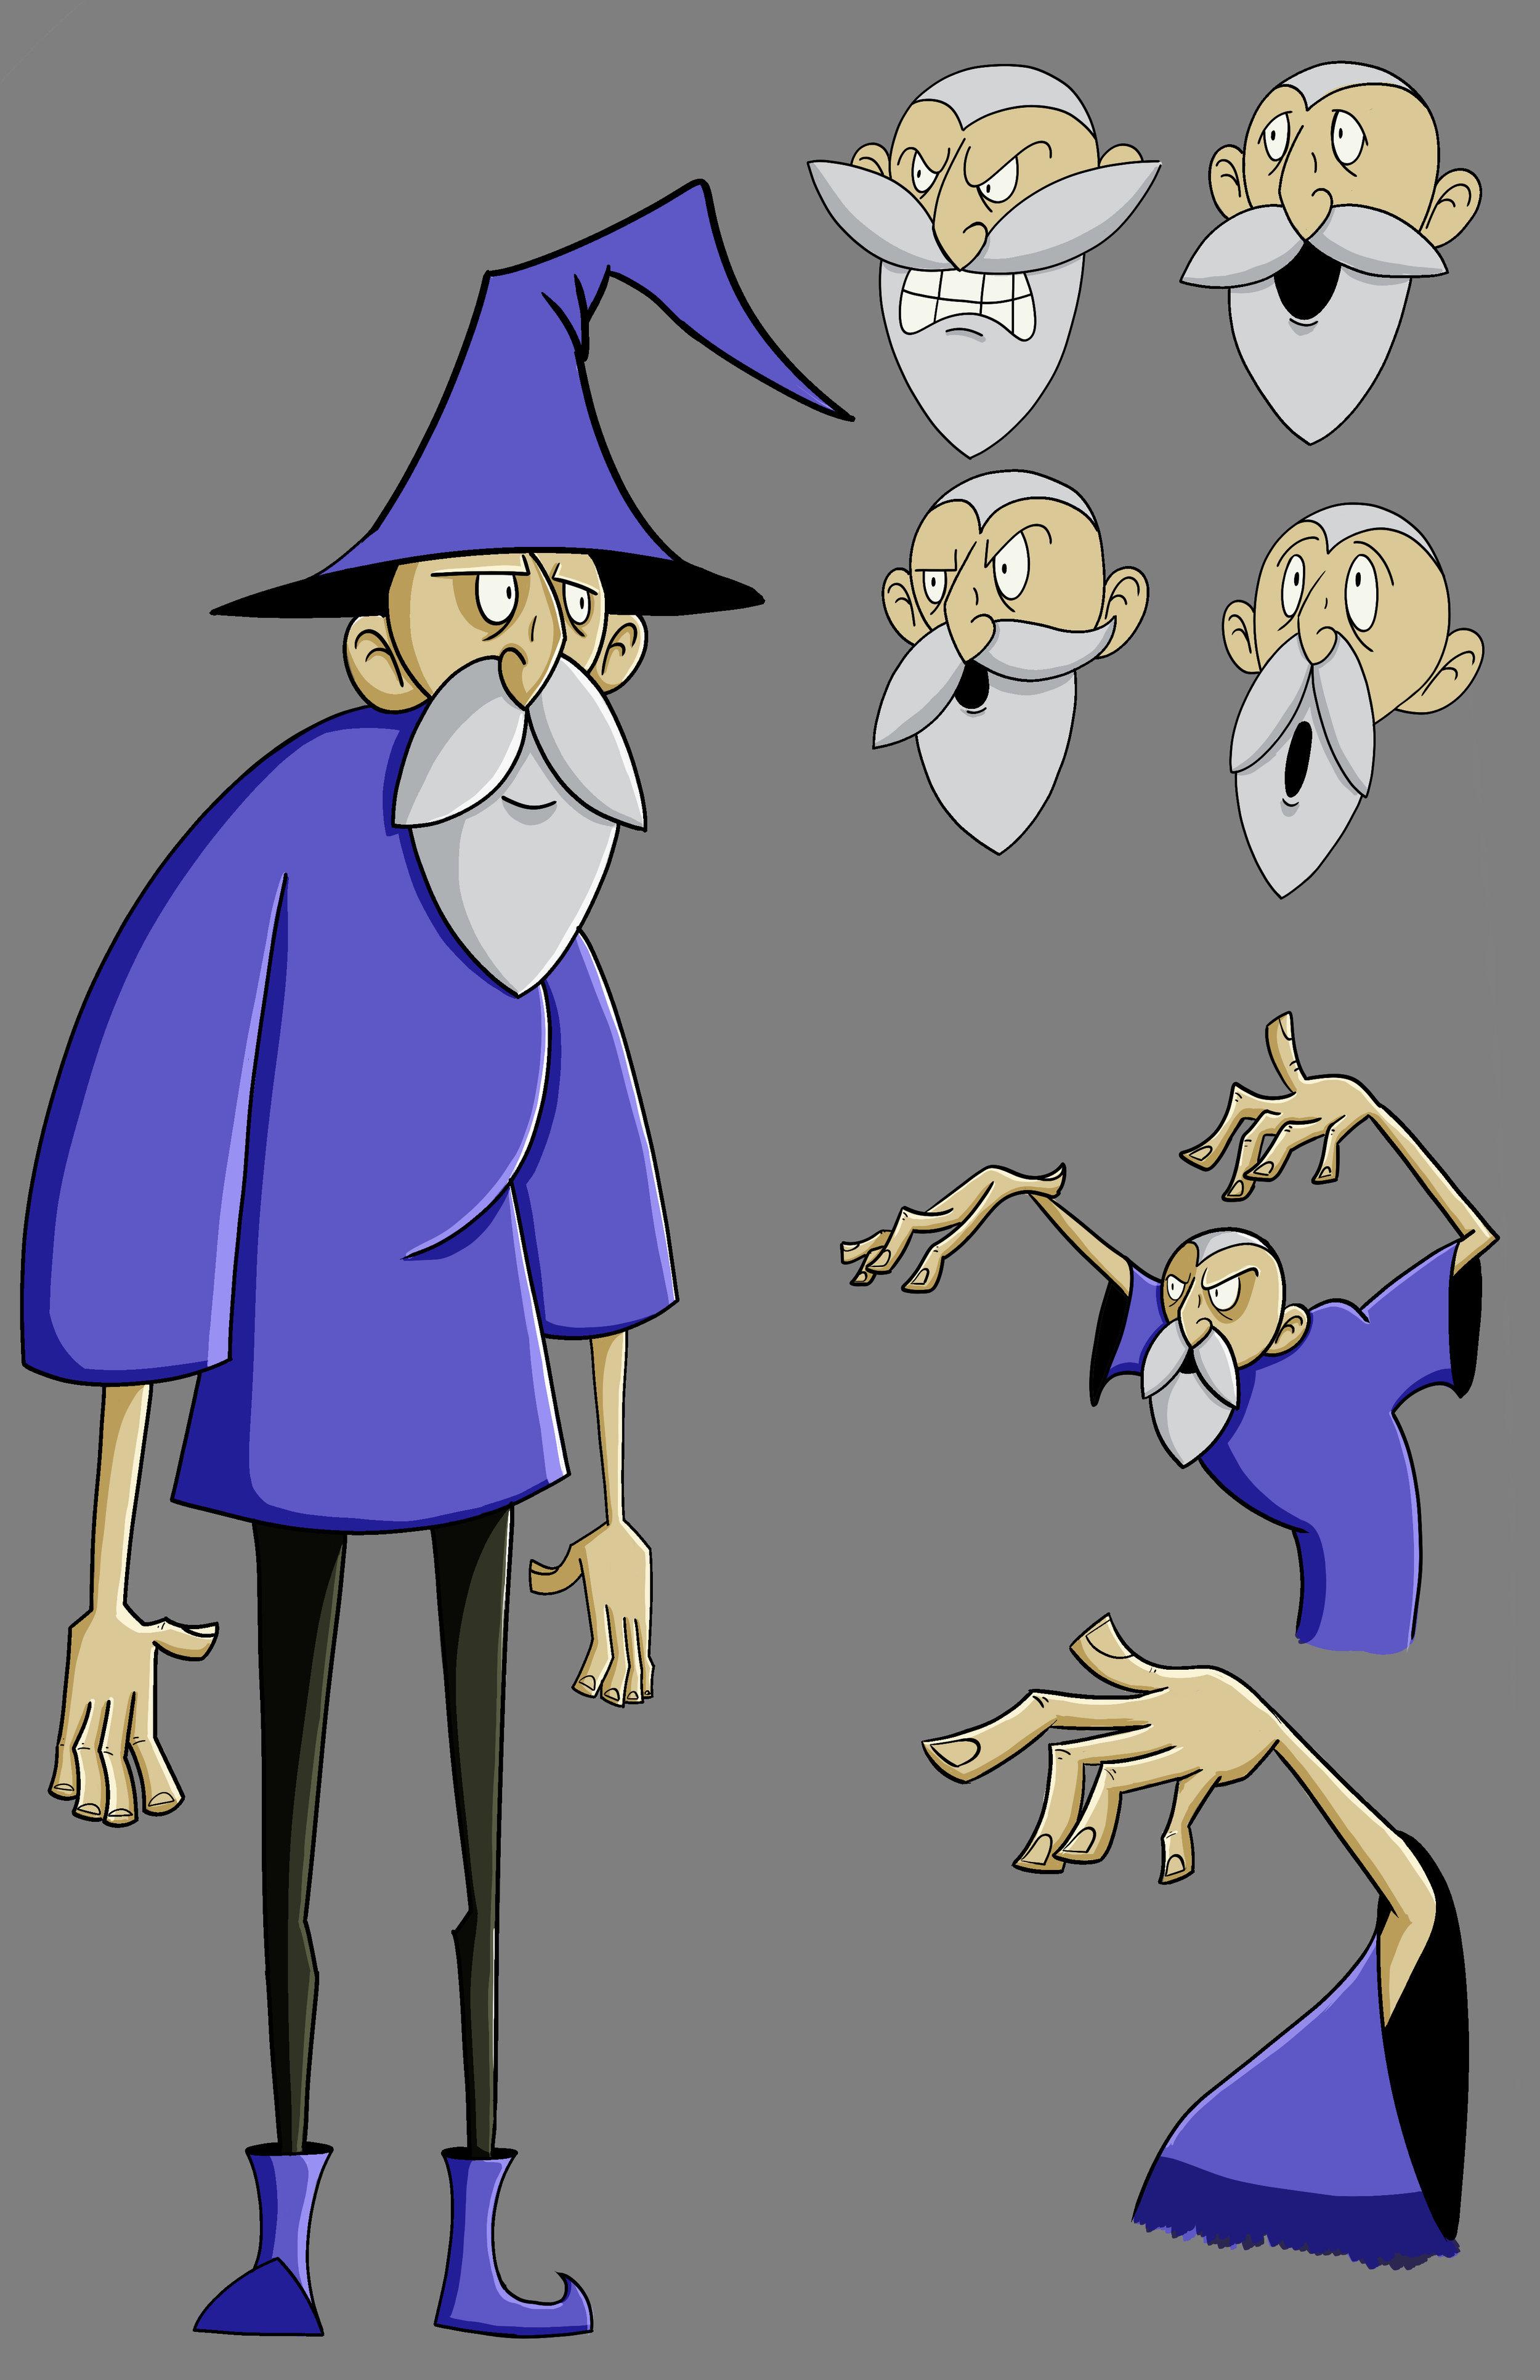 wizard character sheet.jpg